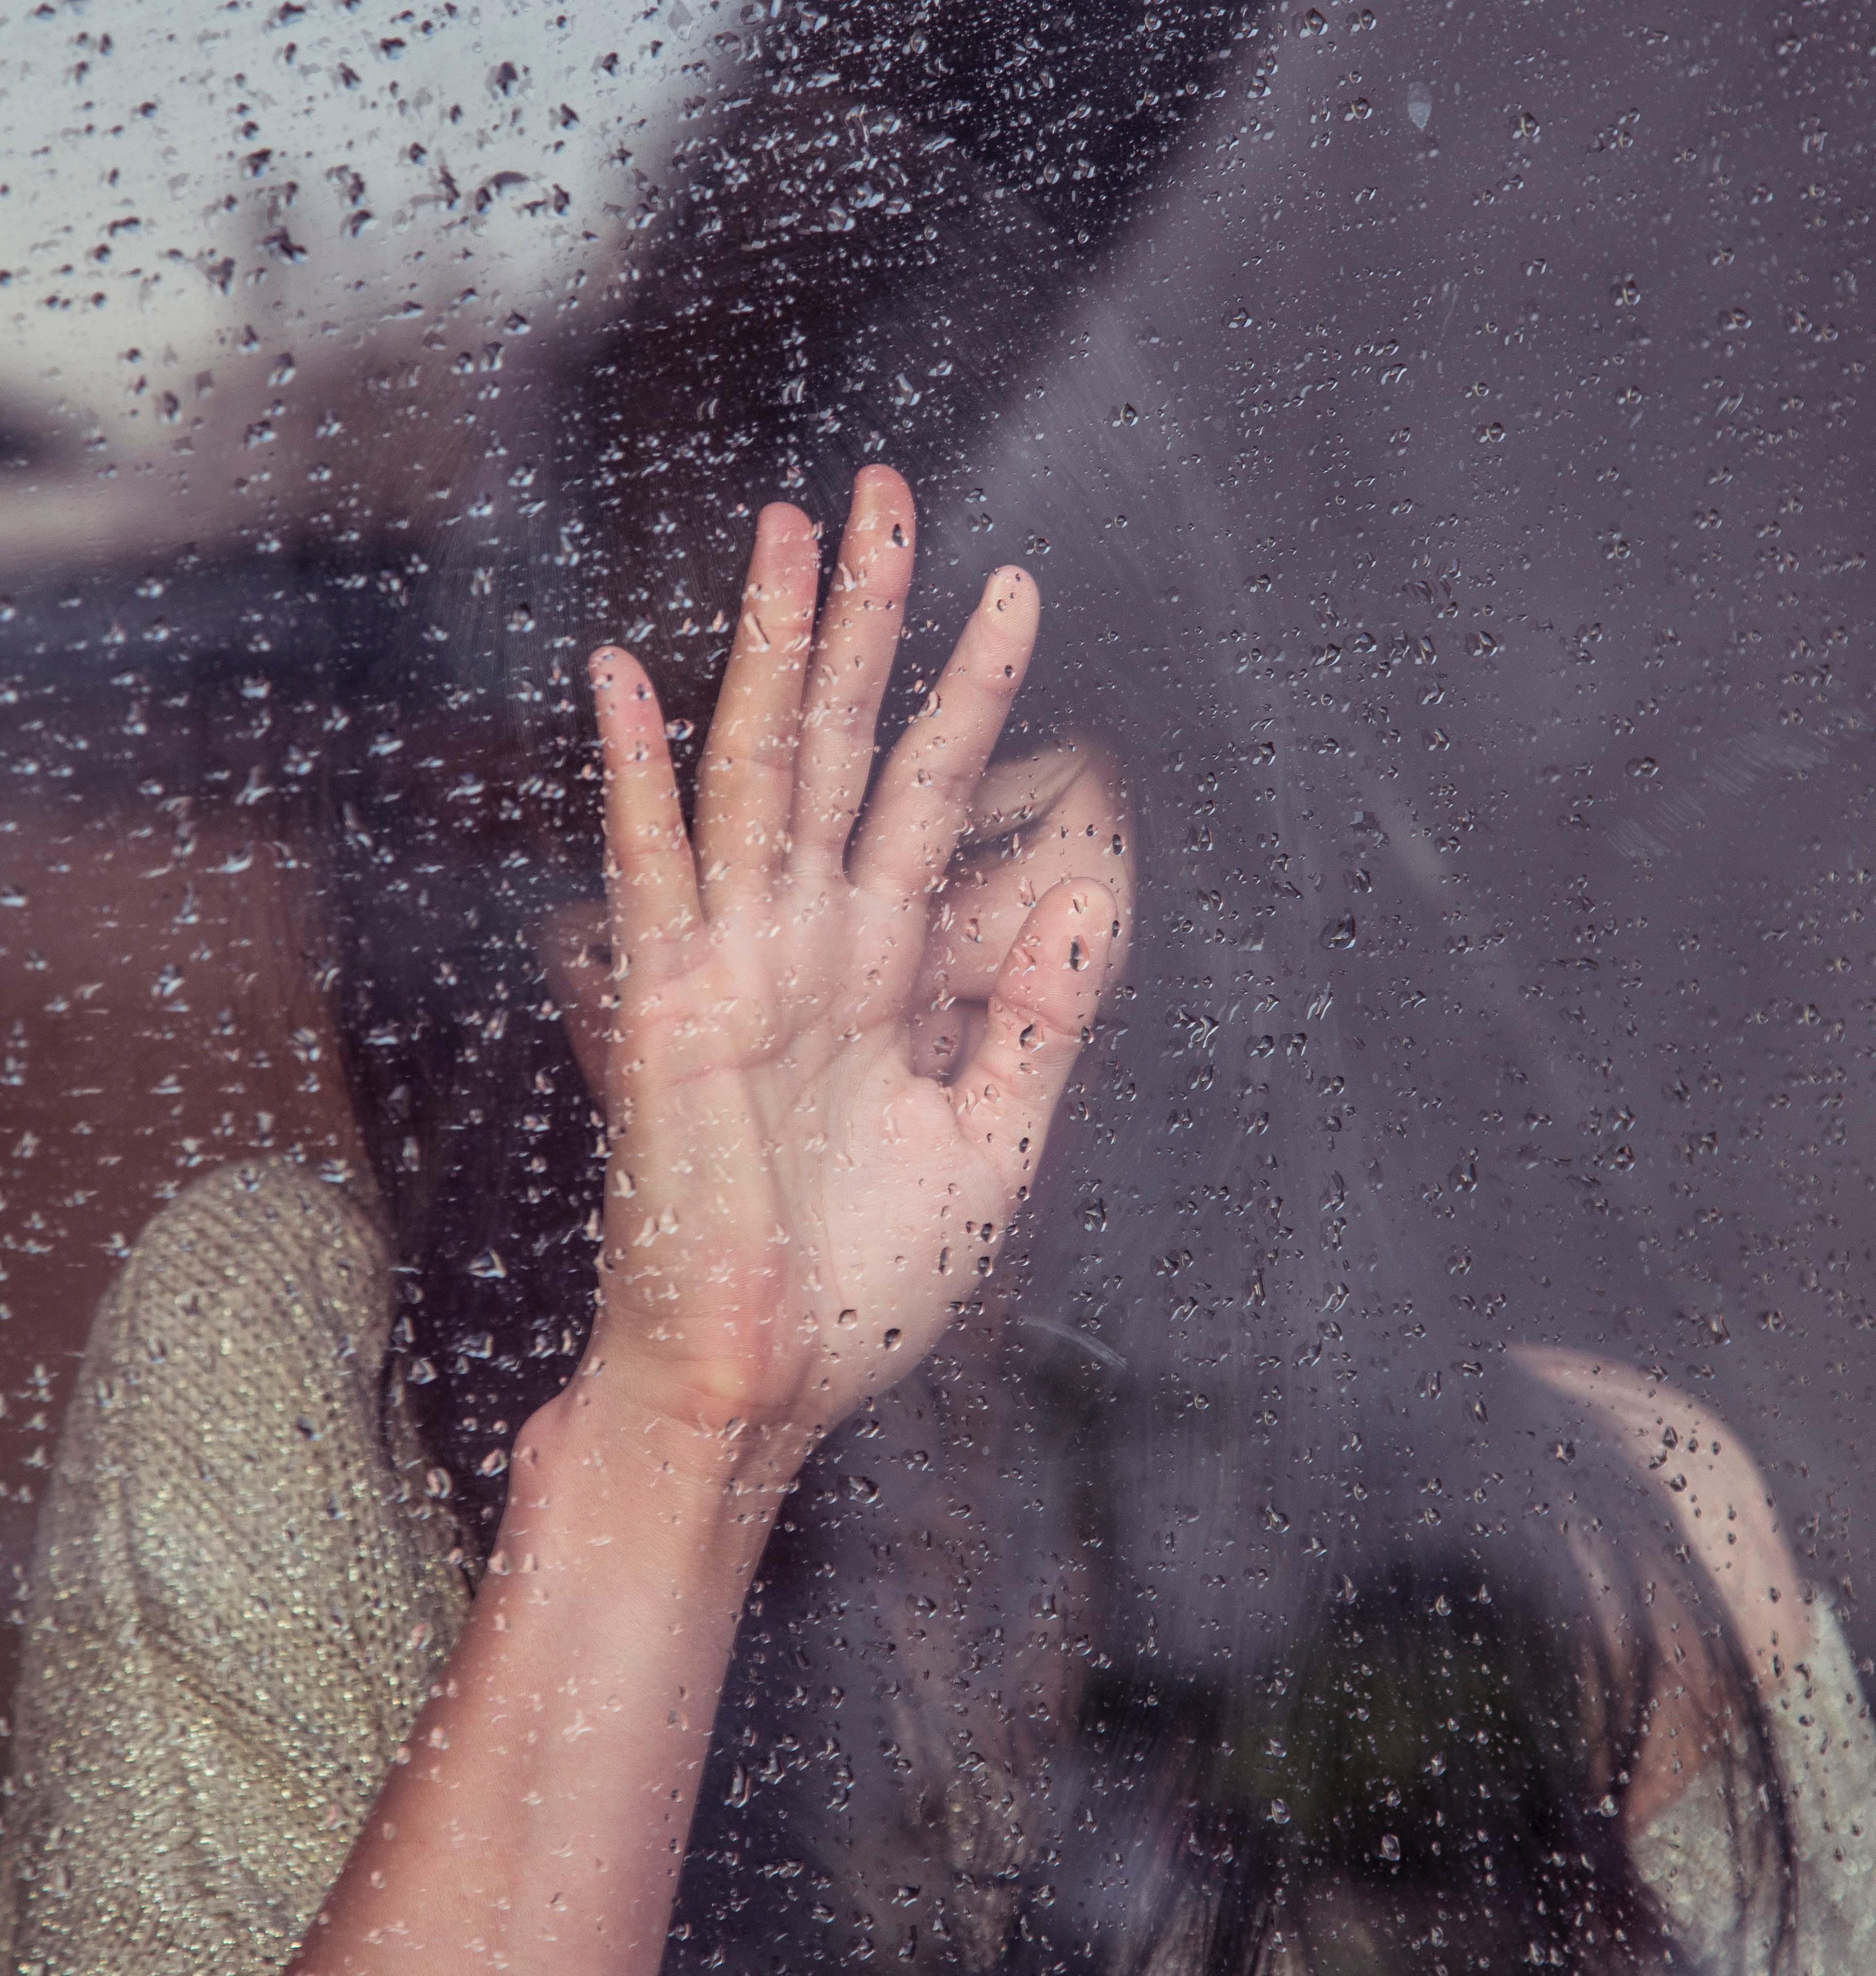 1534566778 58 cang thang keo dai dan den tram cam ban da song trong cang thang bao lau roi moi dep cuon si - Căng thẳng kéo dài dẫn đến trầm cảm, bạn đã sống trong căng thẳng bao lâu rồi? - Môi Đẹp Cuồn Si